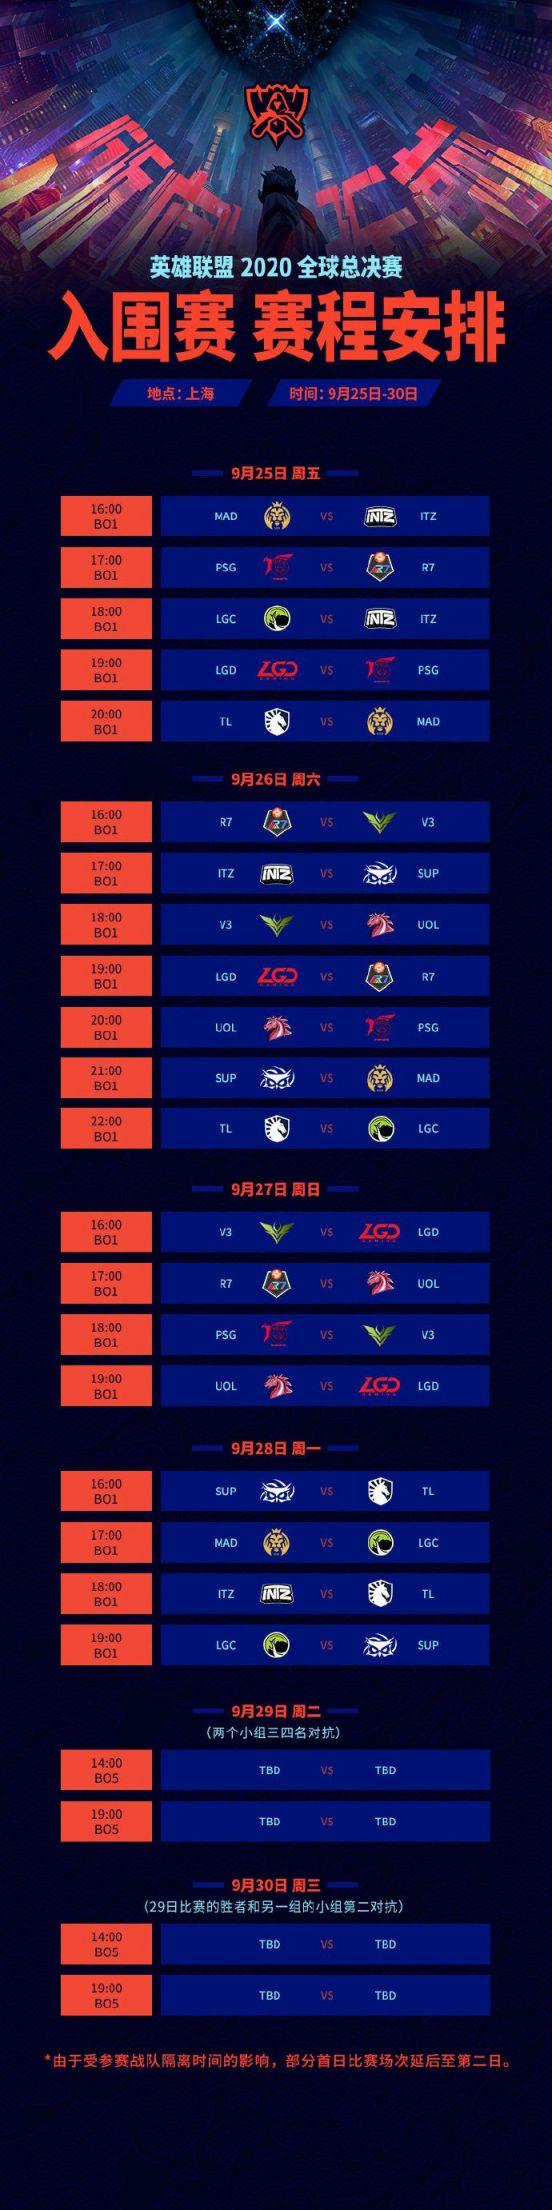 英雄联盟s10全球总决赛入围赛赛程表